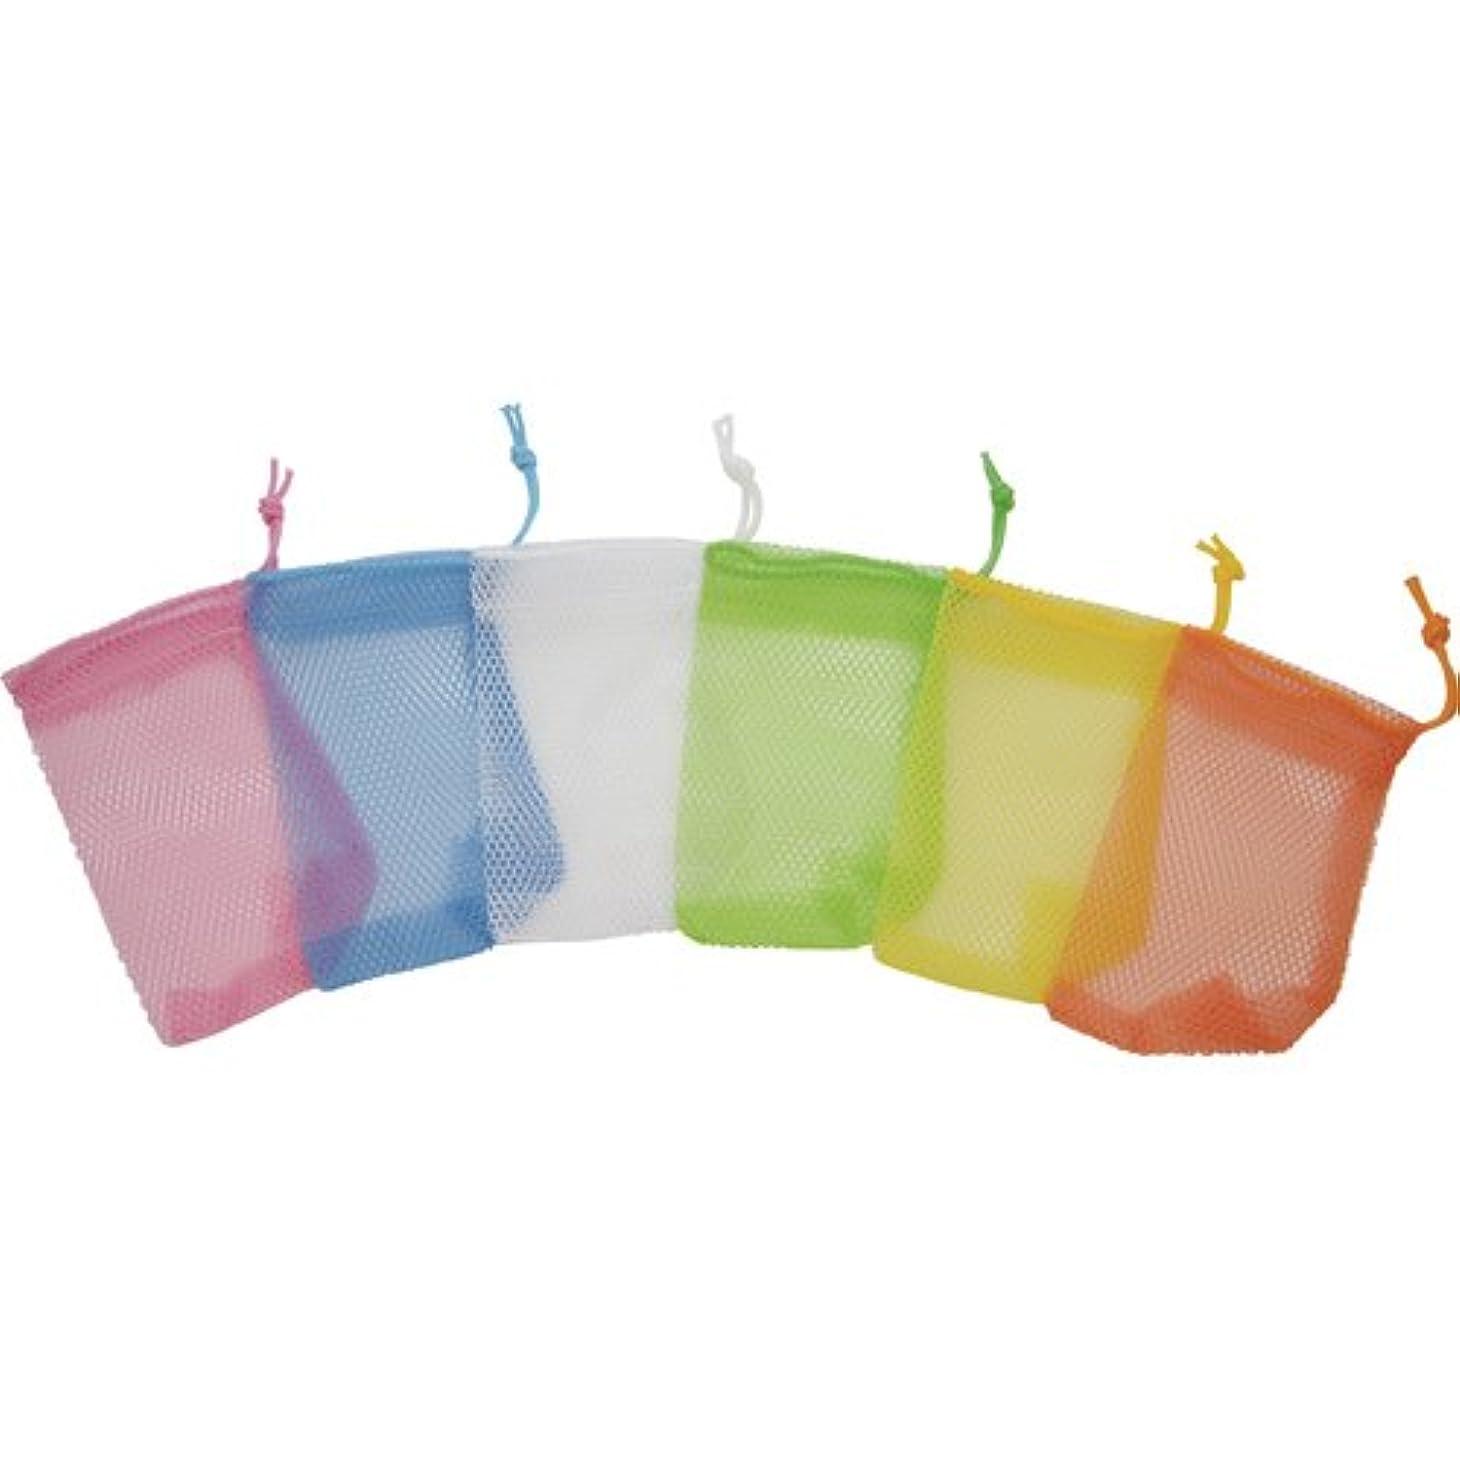 平方バーターシンボルsanwa(サンワ) 石鹸ネット ひもタイプ 6色アソート 24枚組 101551